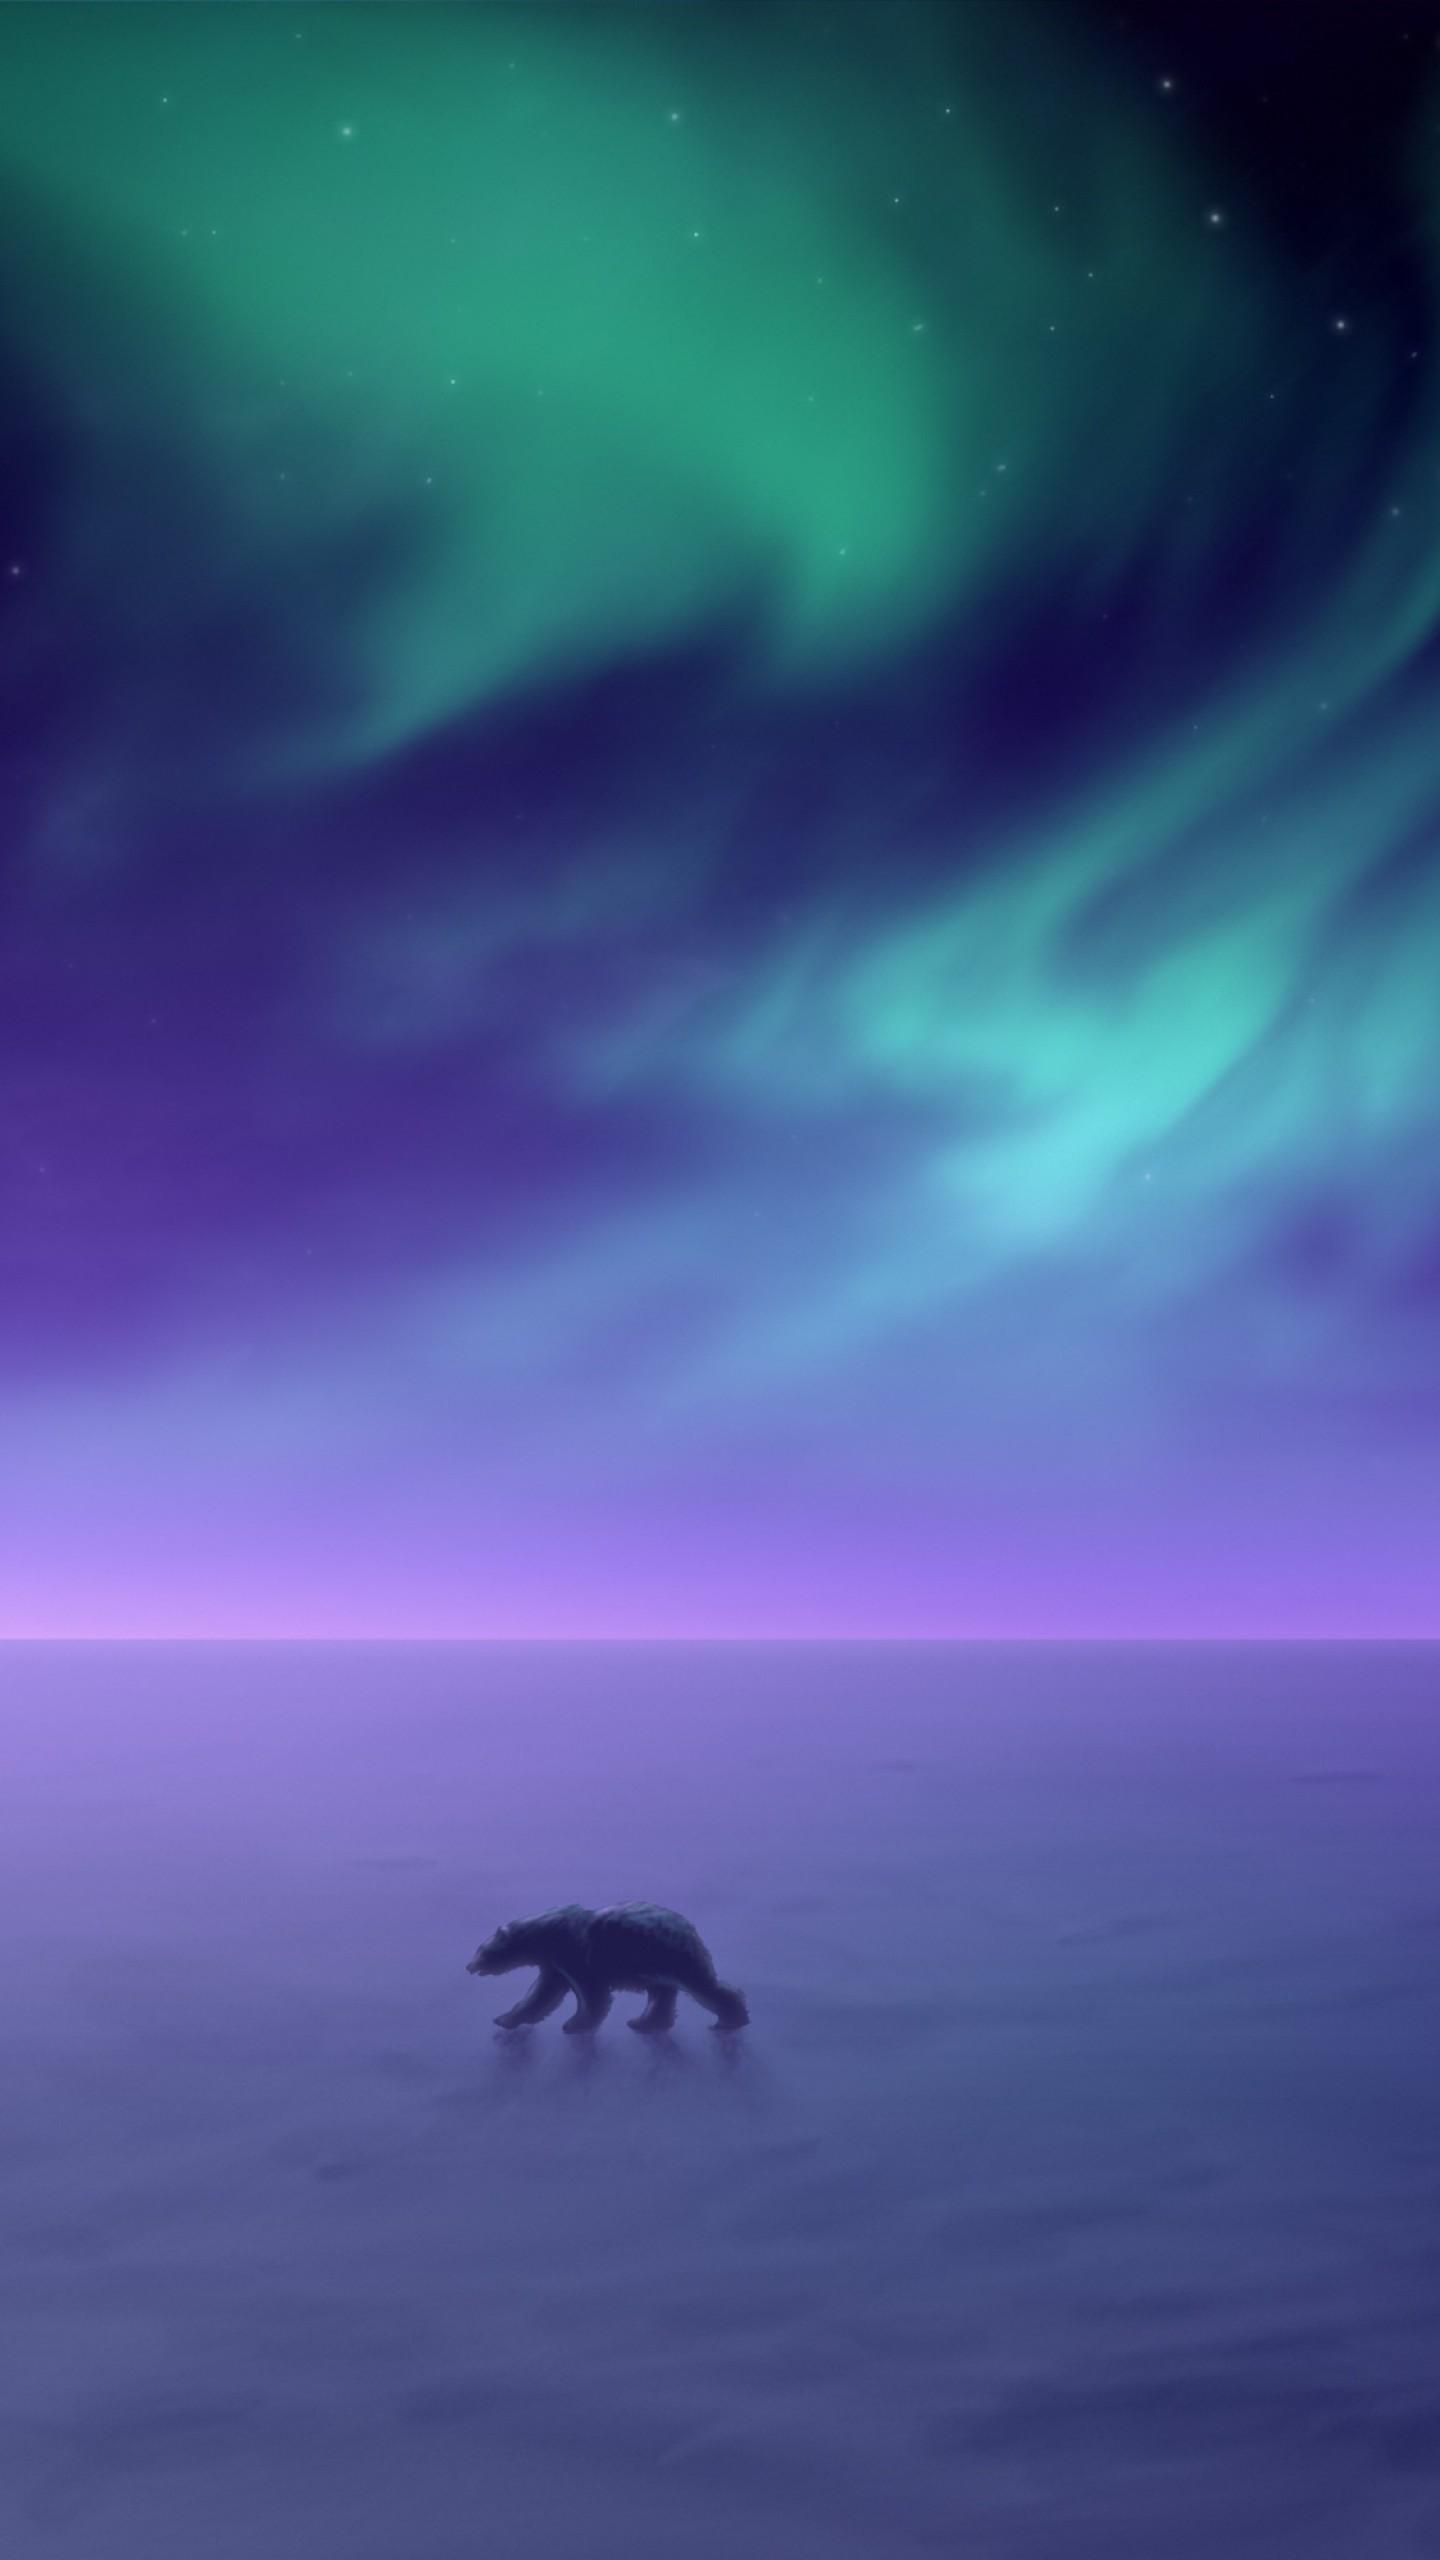 عکس زمینه شفق قطب شمال خرس قطبی پس زمینه